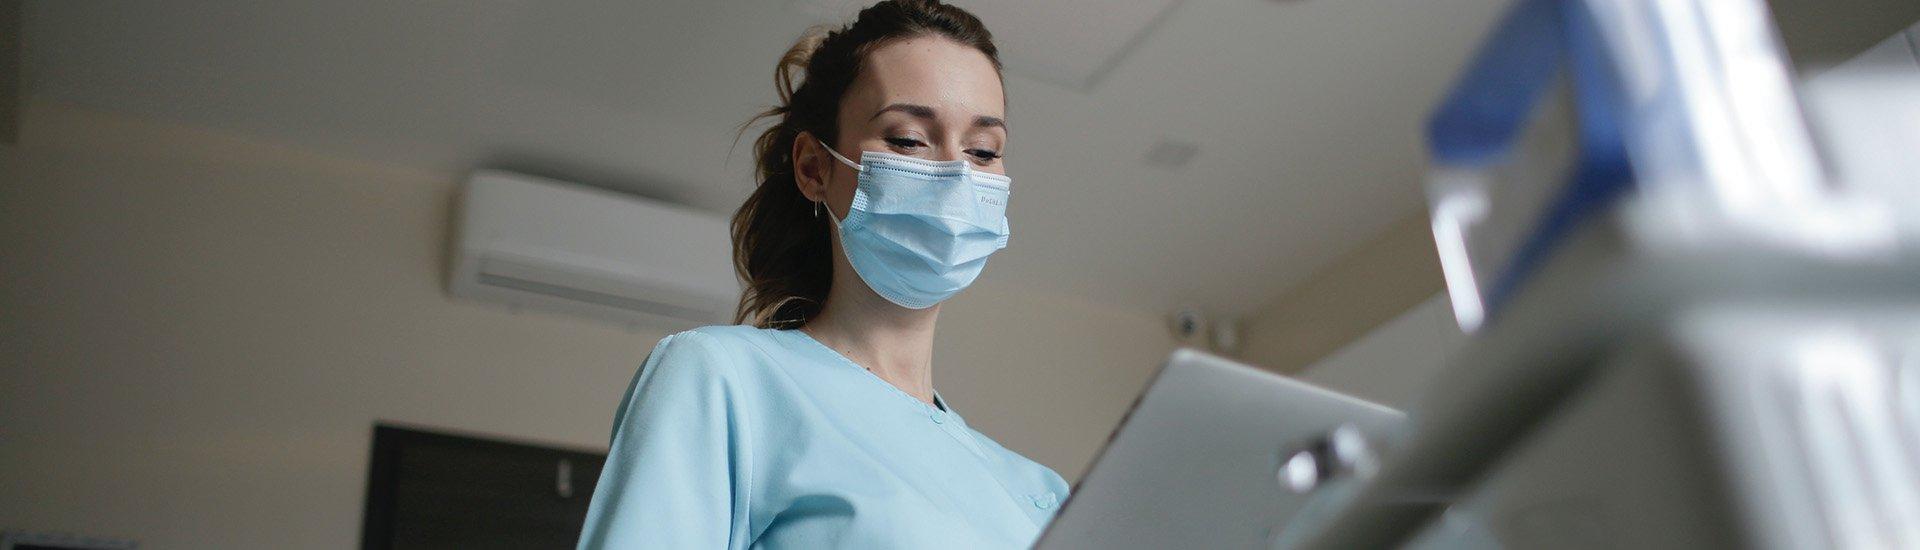 busy-hospital-clinic